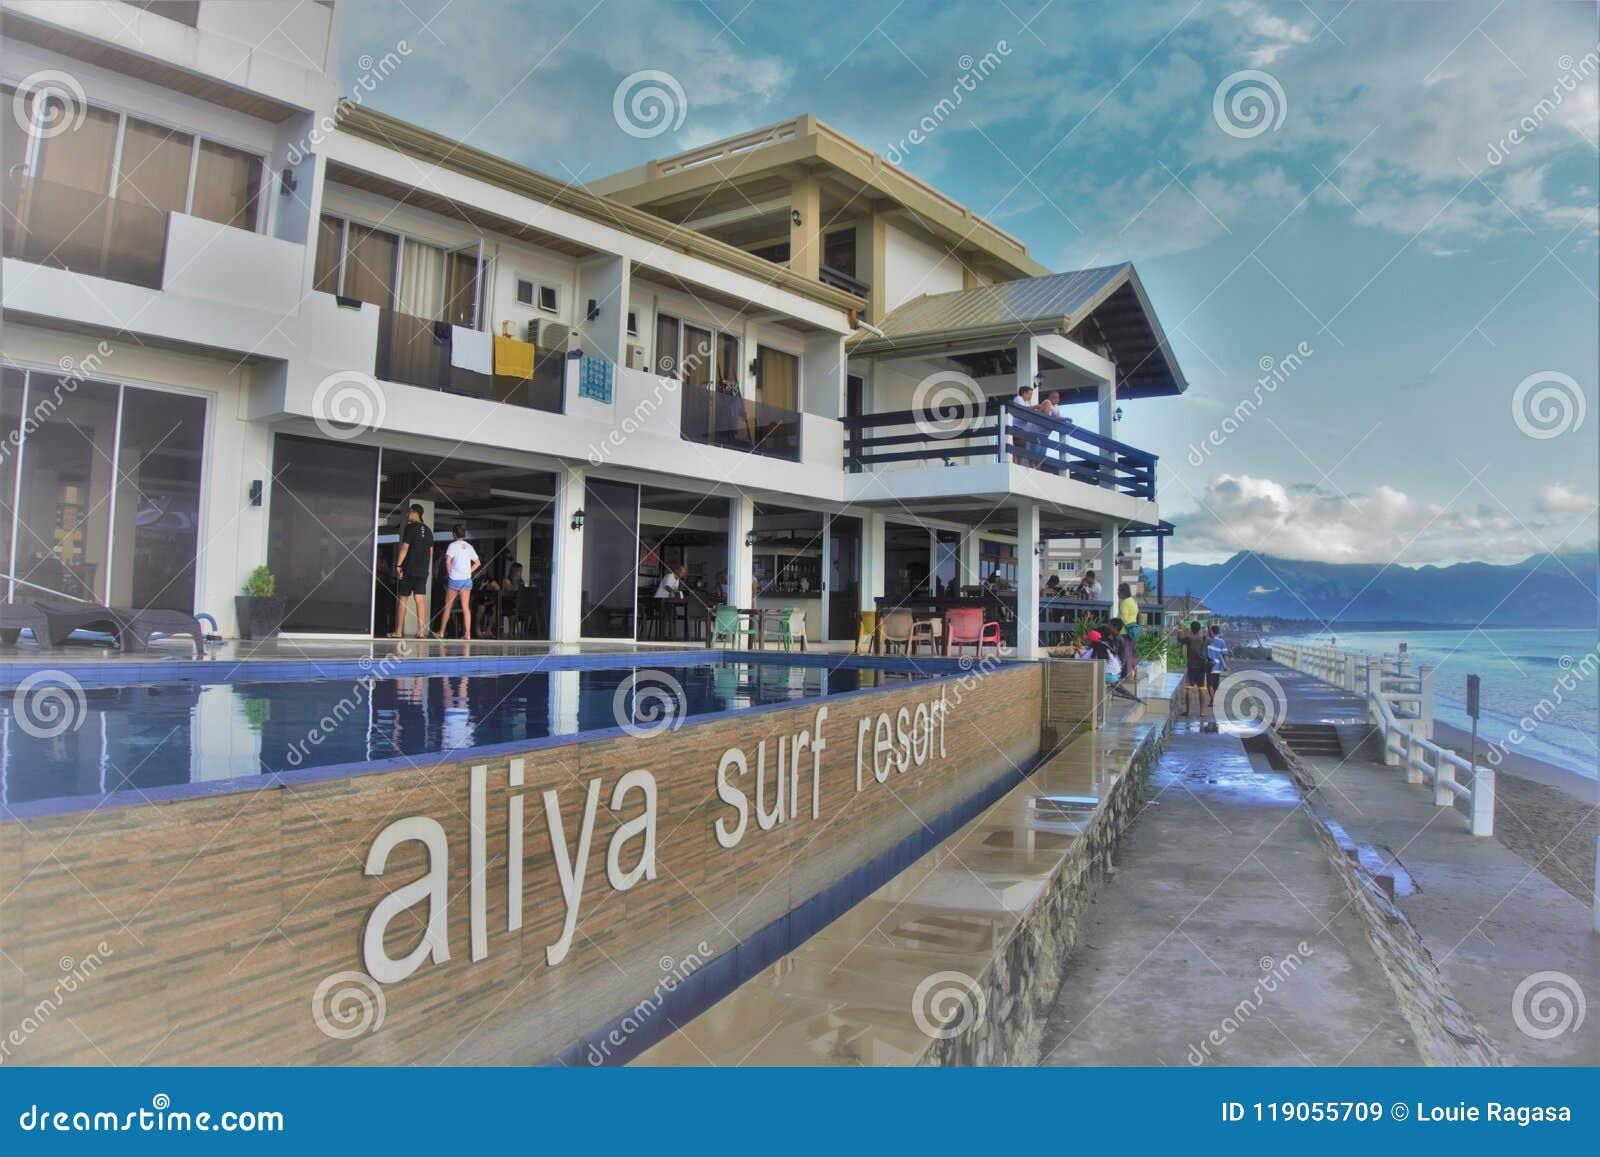 Aliraya Surf Resort